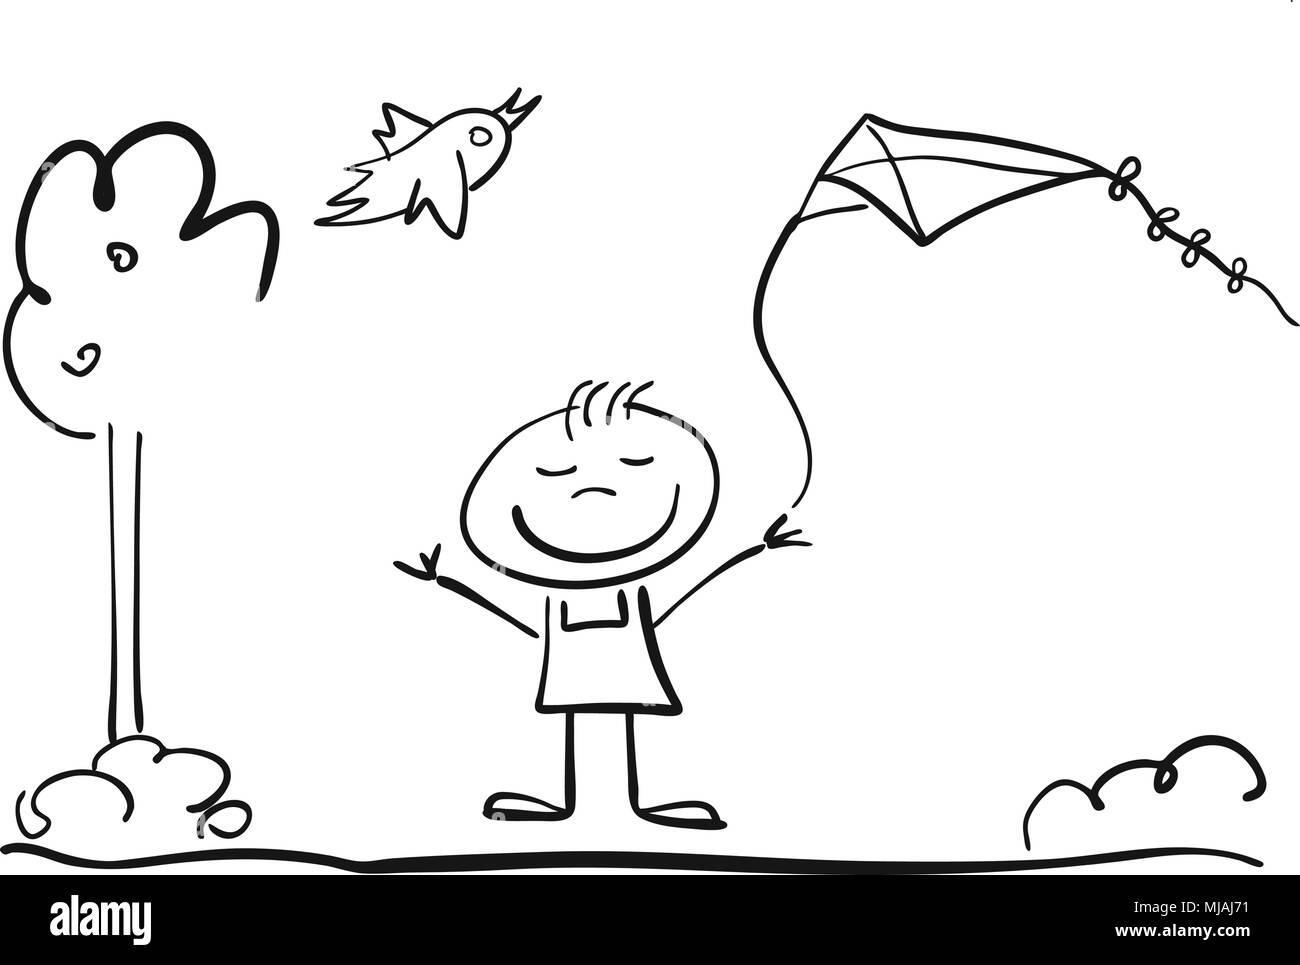 Kindergarten Kind mit Drachen Schwarzweiß Vektor Skizze Illustration - Stock Image